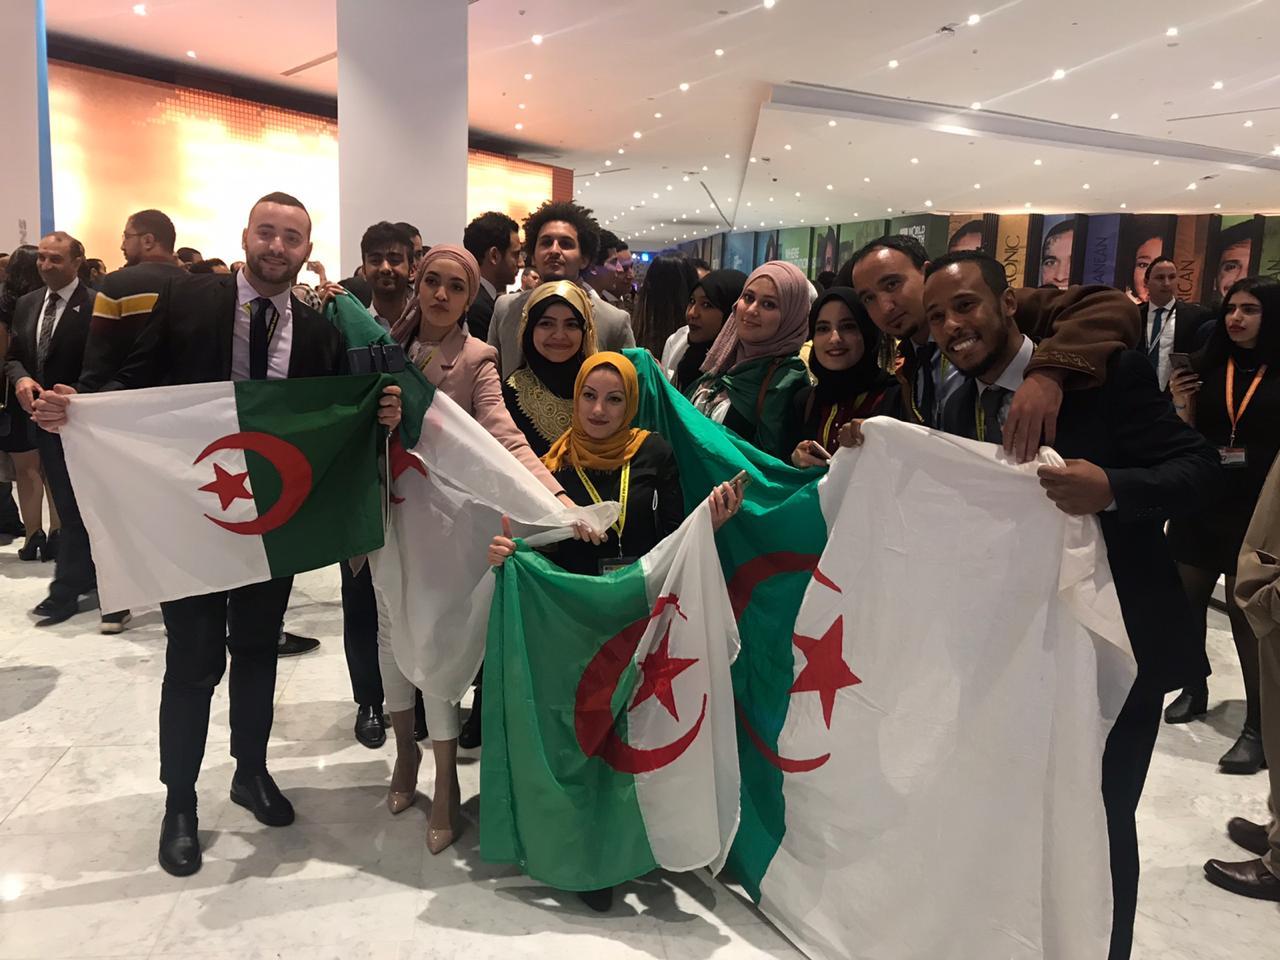 شباب يرفعون أعلام بلادهم بمنتدى شباب العالم